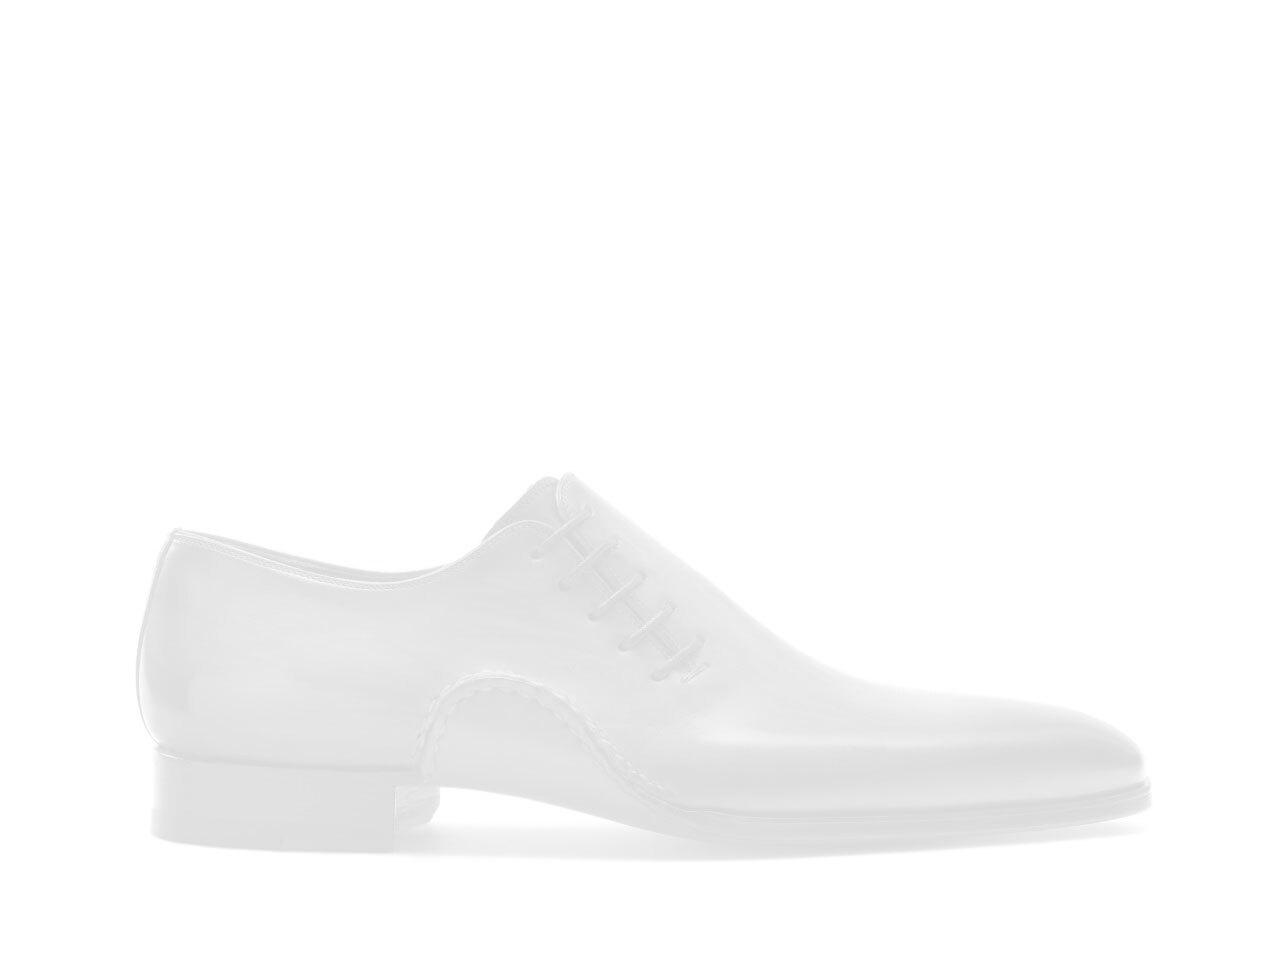 Cuero brown double monk strap shoes for men -  Magnanni